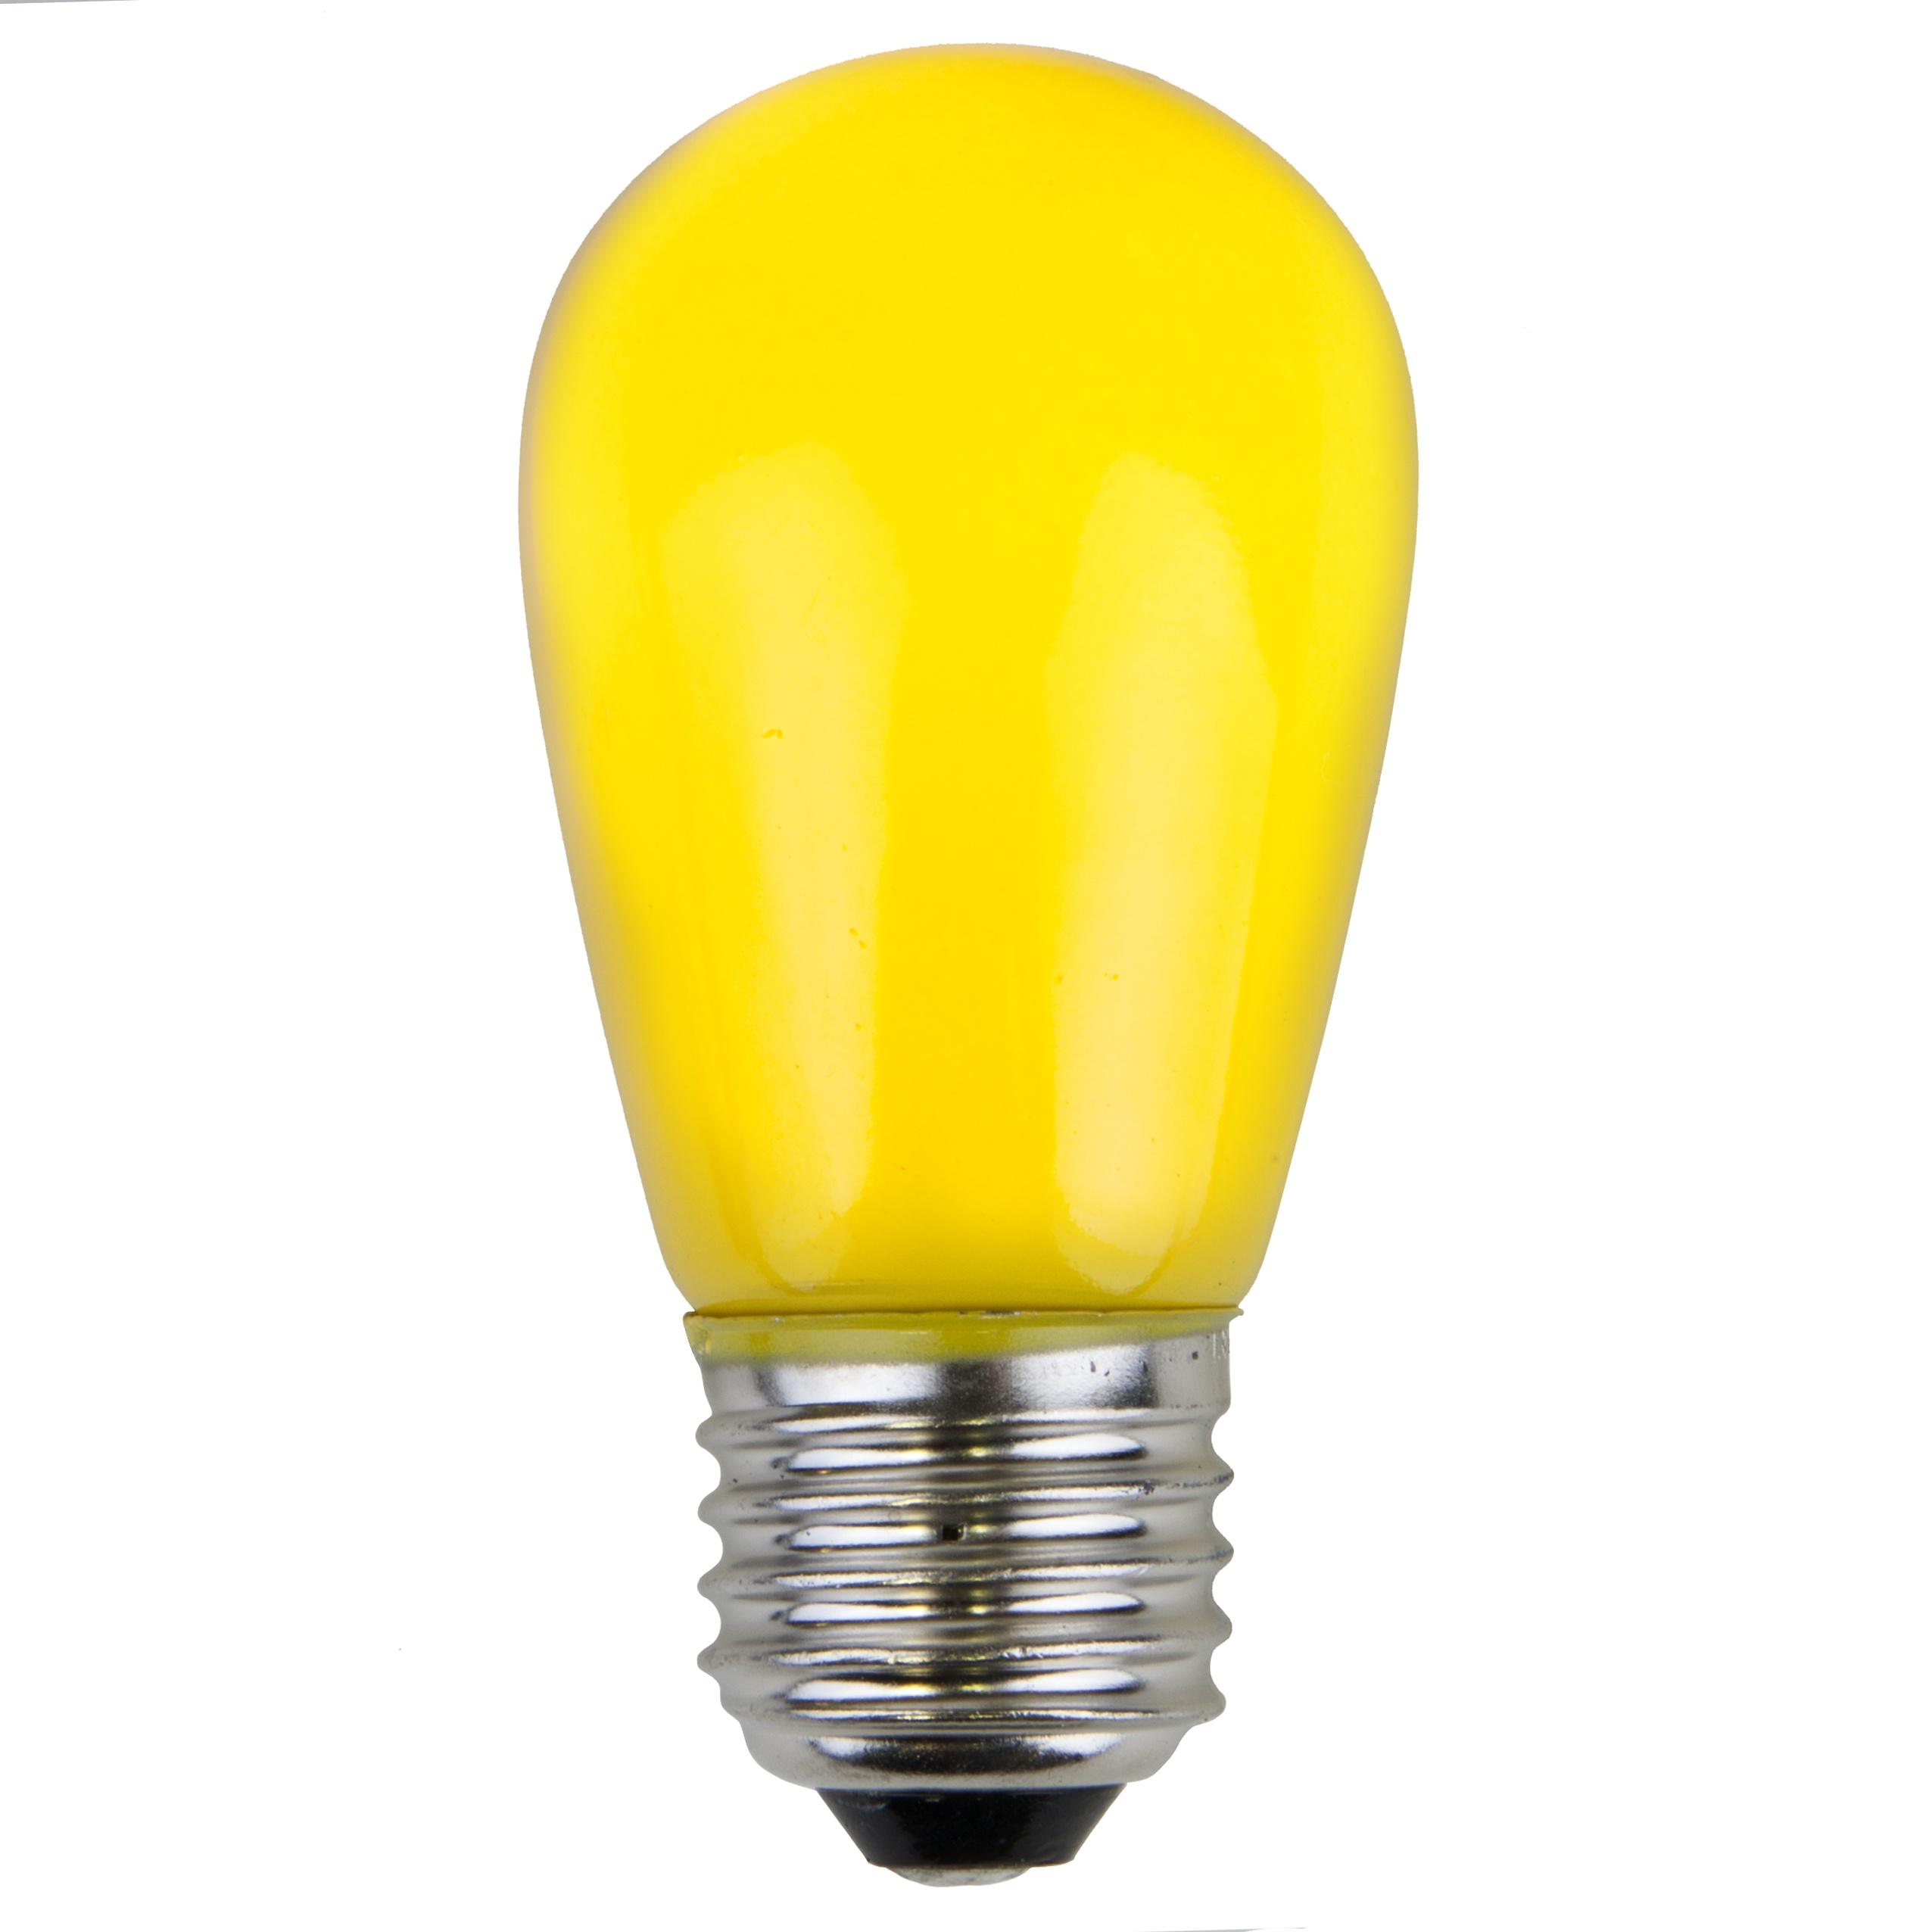 Christmas Lights S14 Opaque Yellow 11 Watt Replacement Bulbs